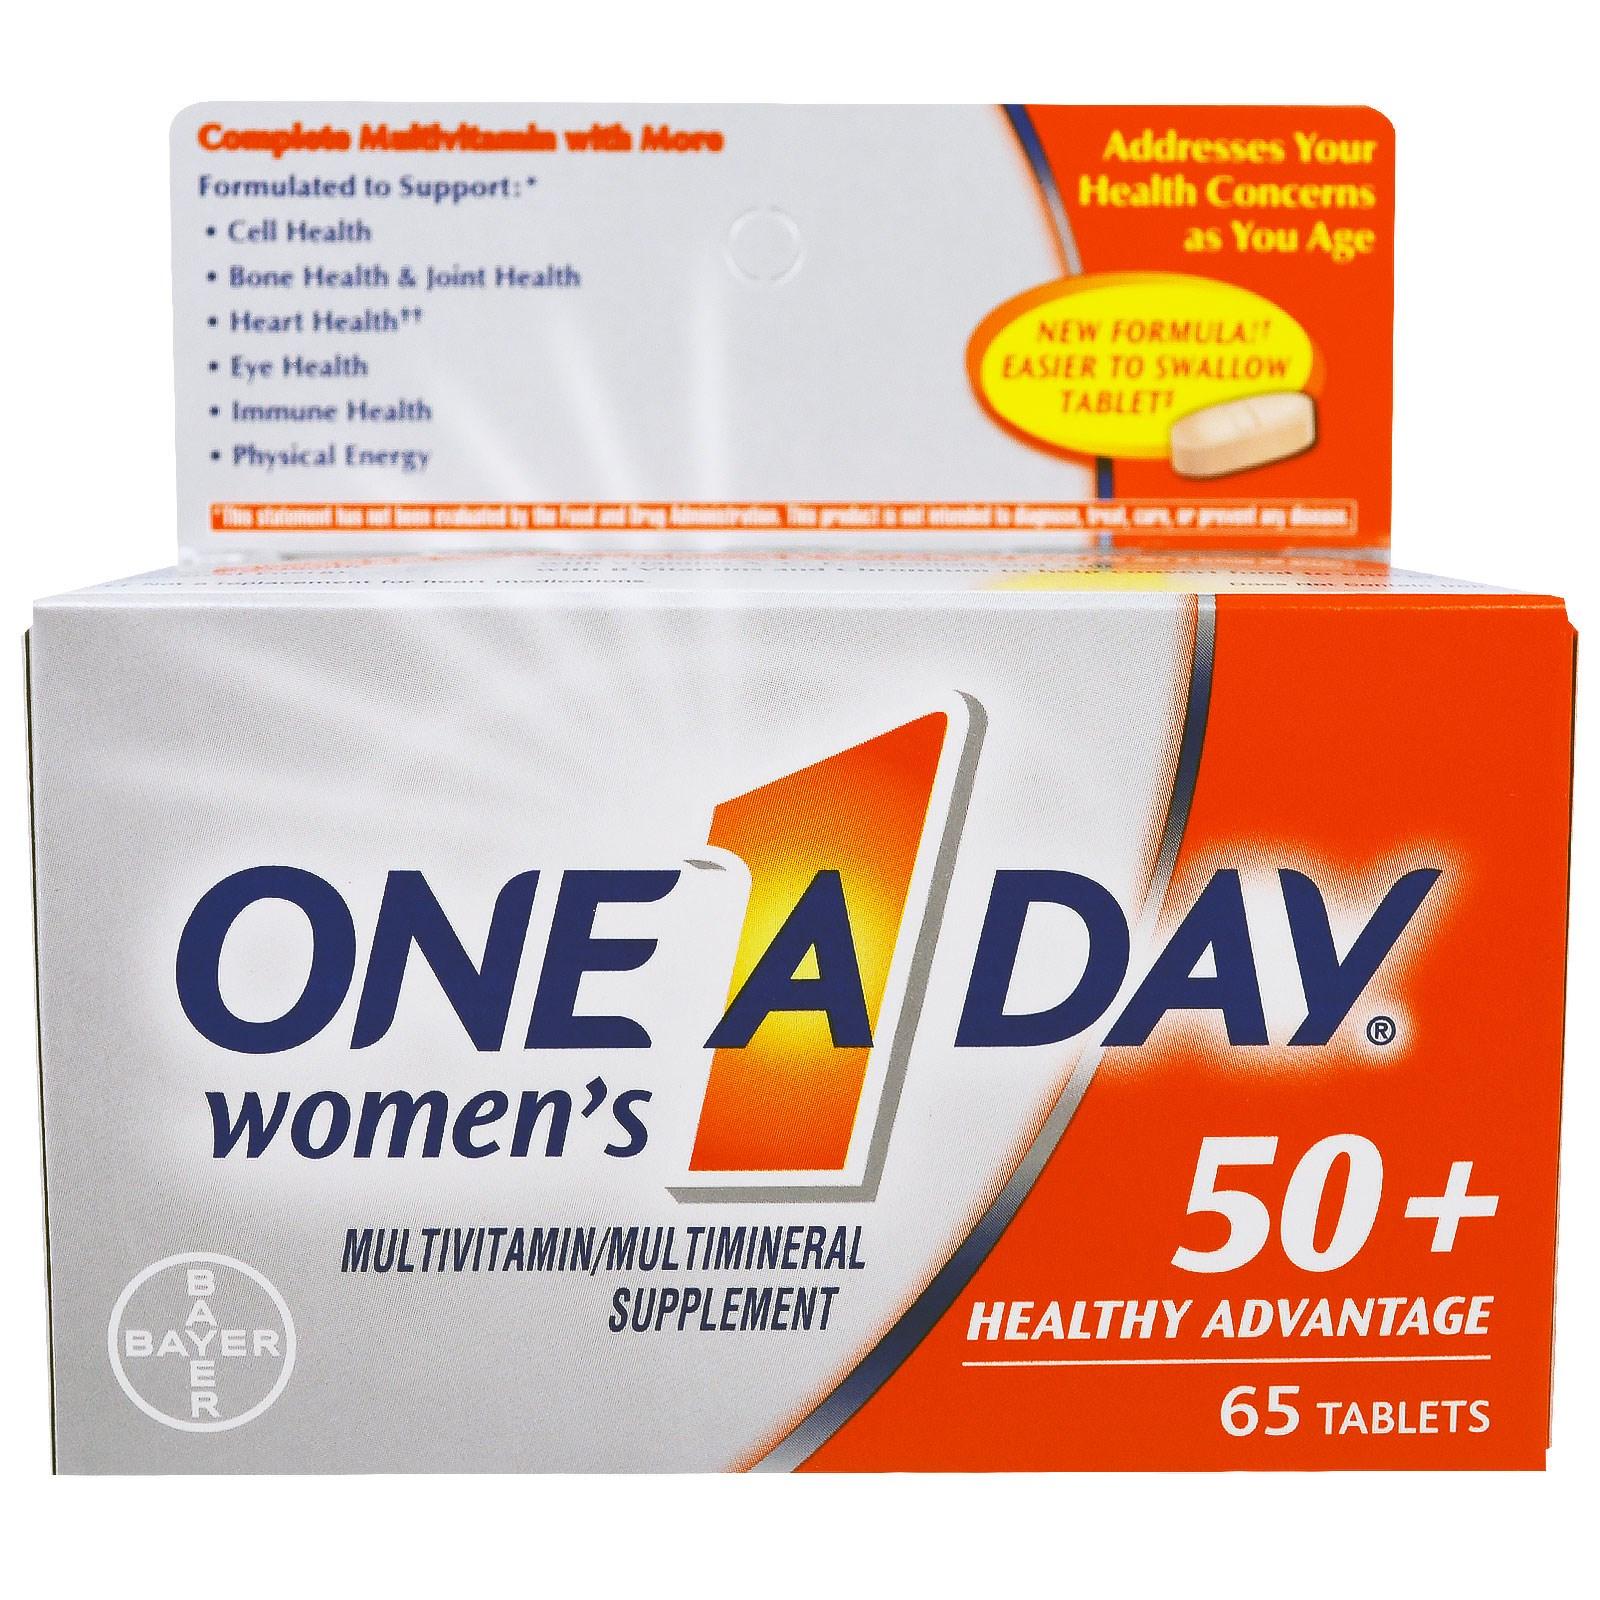 One-A-Day, Раз в день, для женщин 50+, польза для здоровья, 65 таблеток